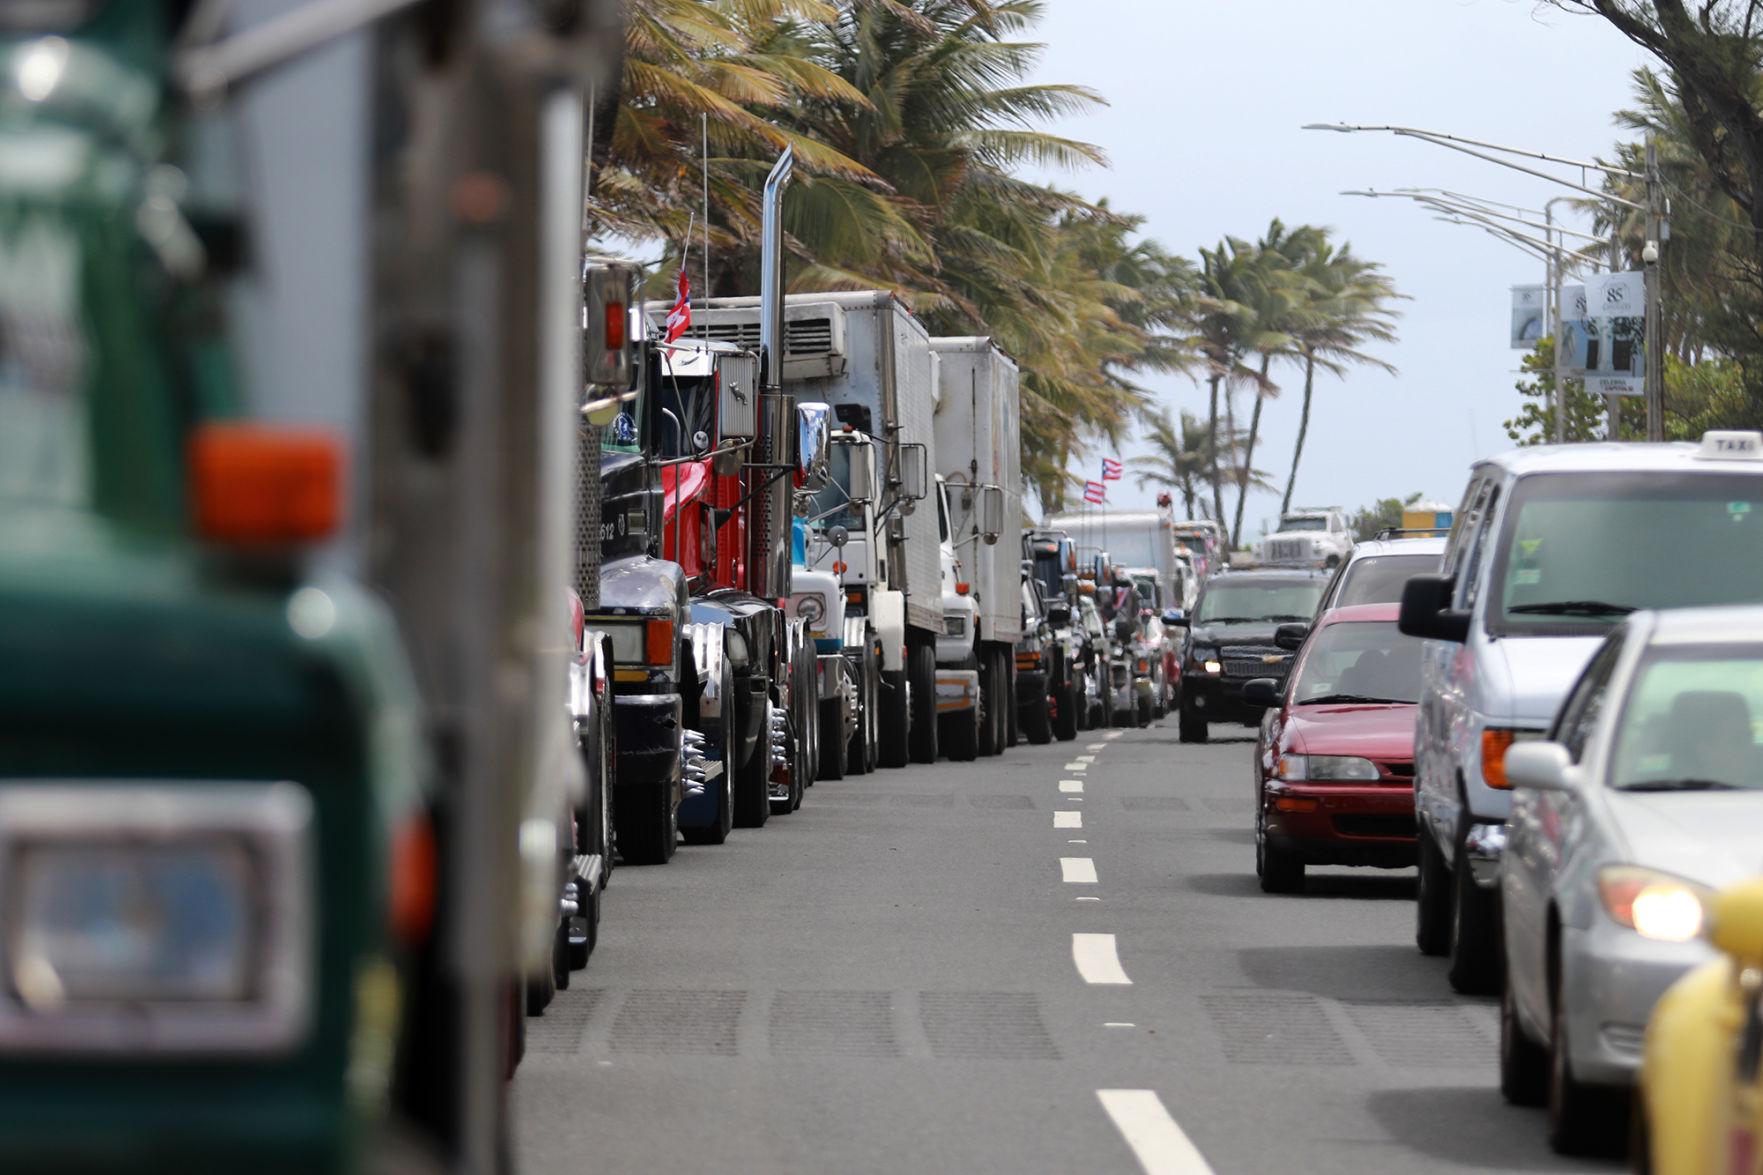 Paro de camioneros no reducirá la gasolina